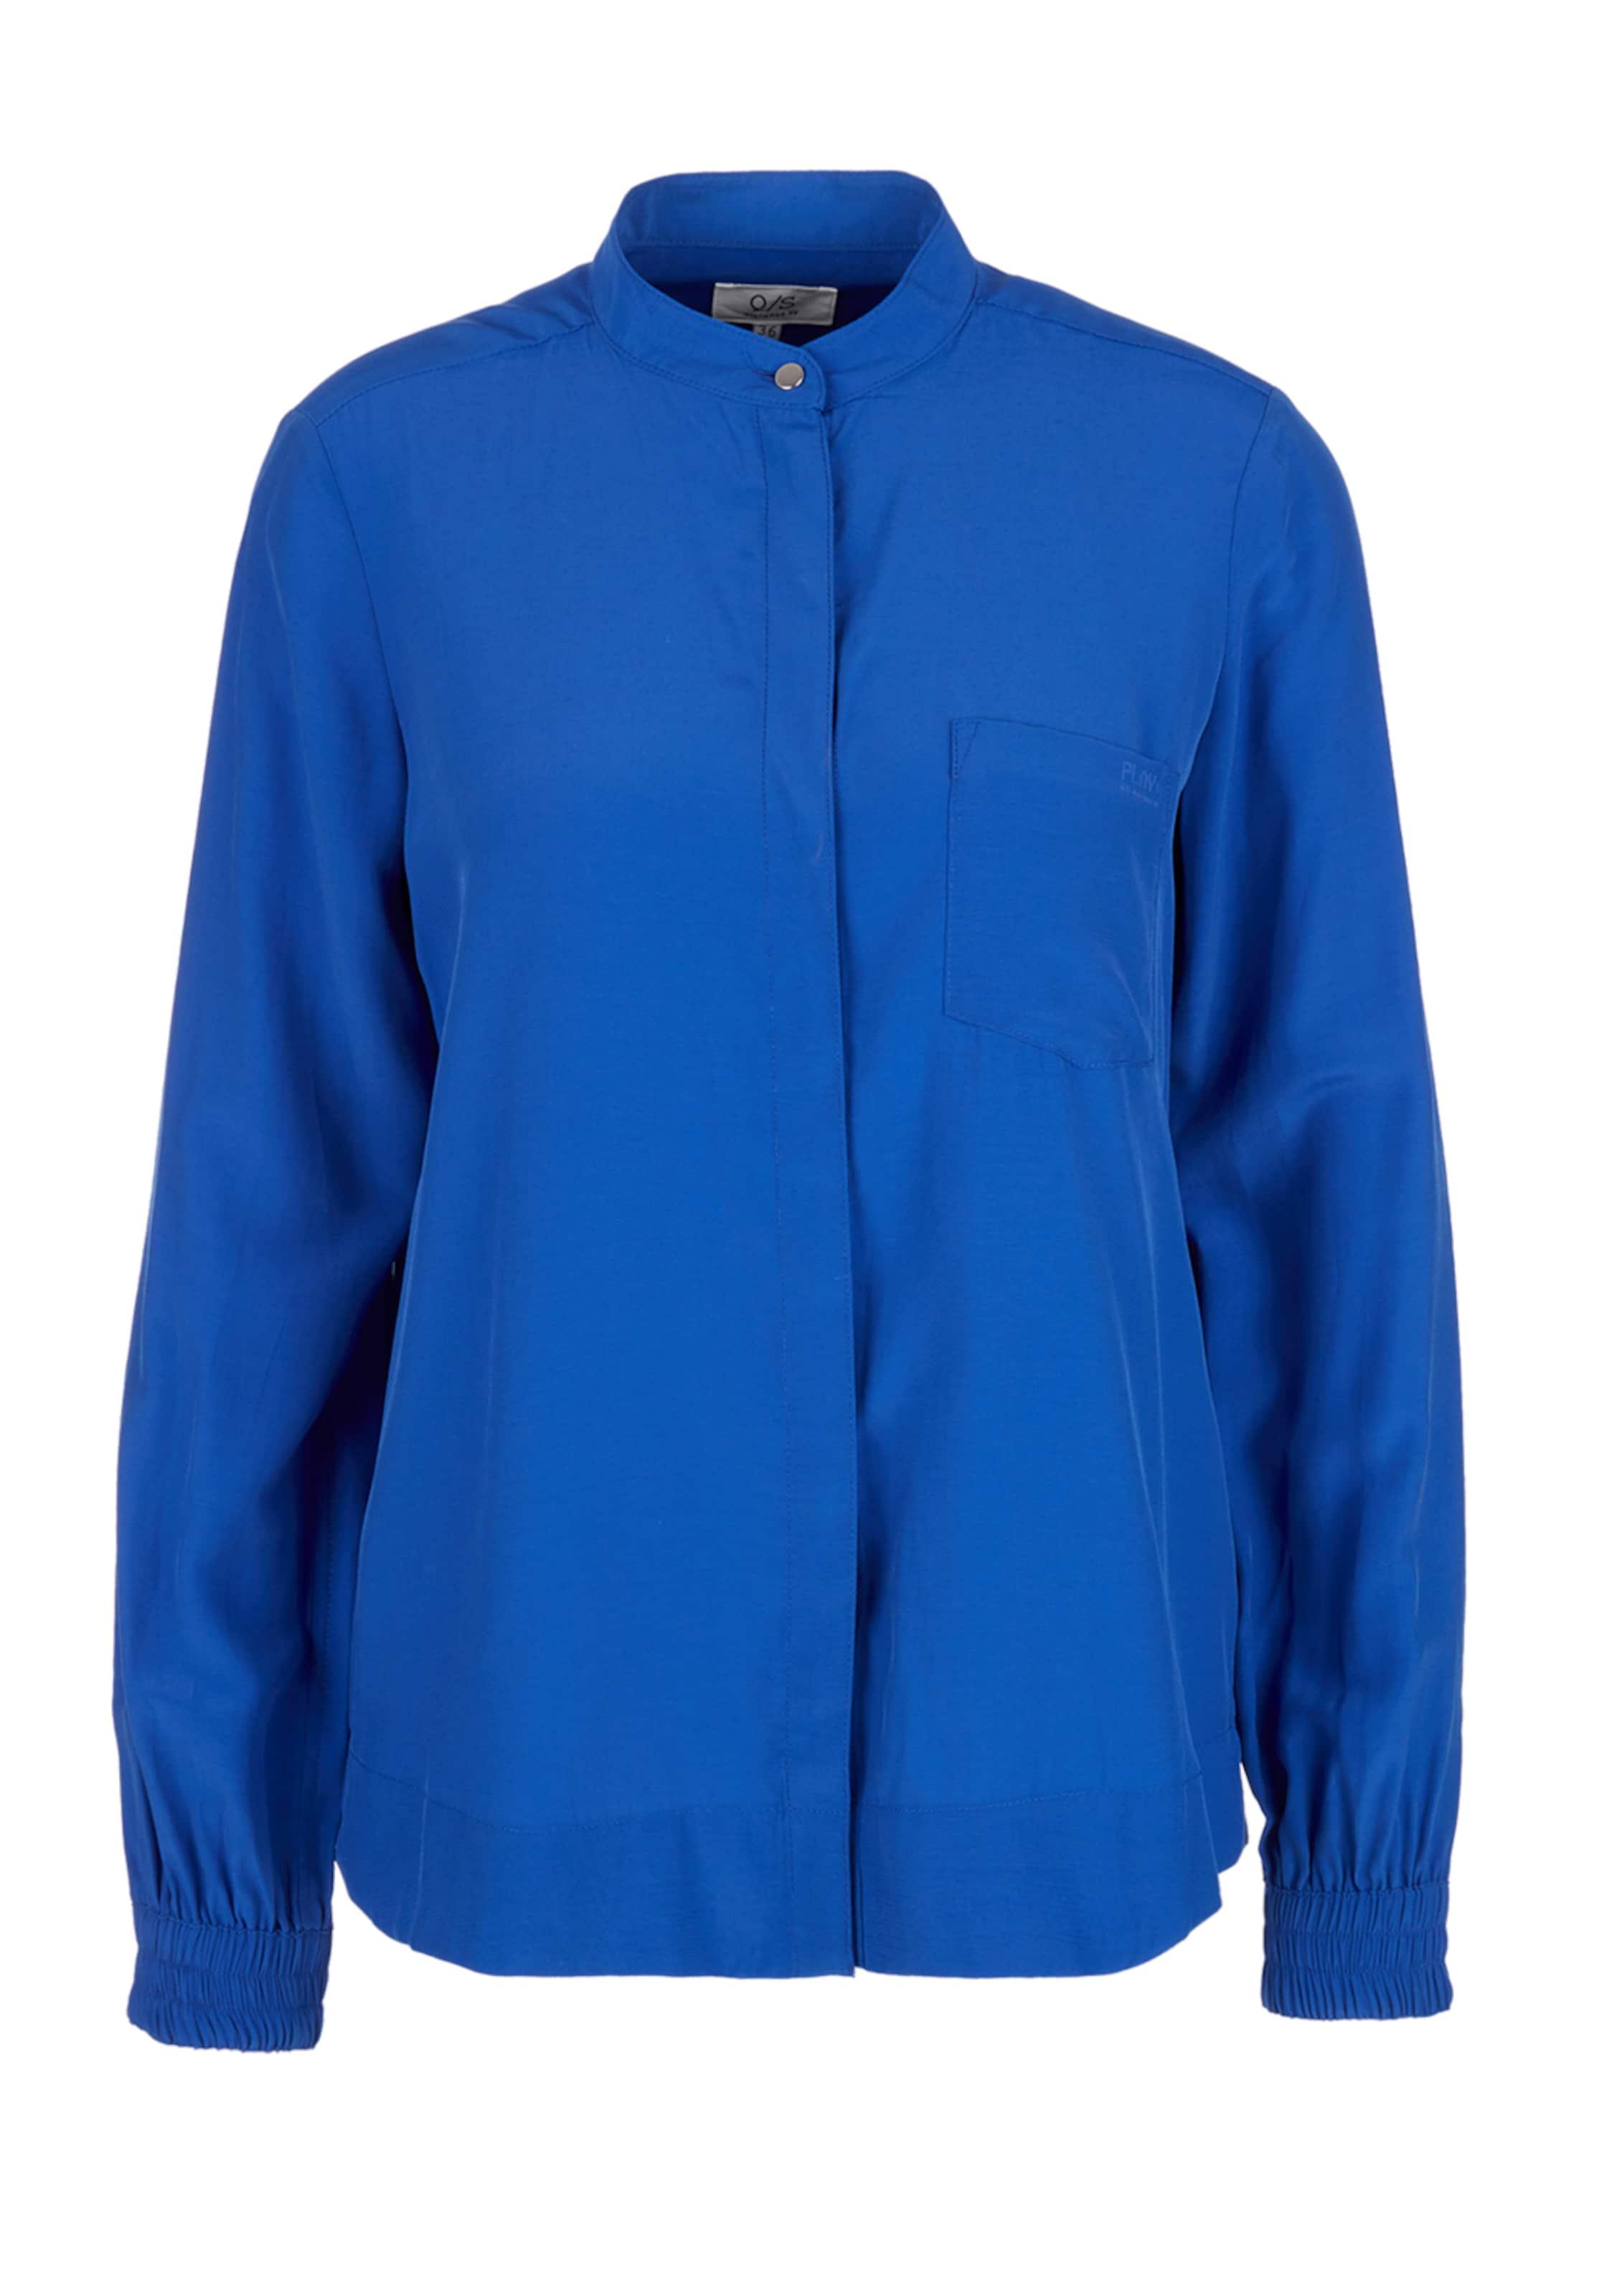 Bluse Royalblau Q By s Designed In JlFc3TK1